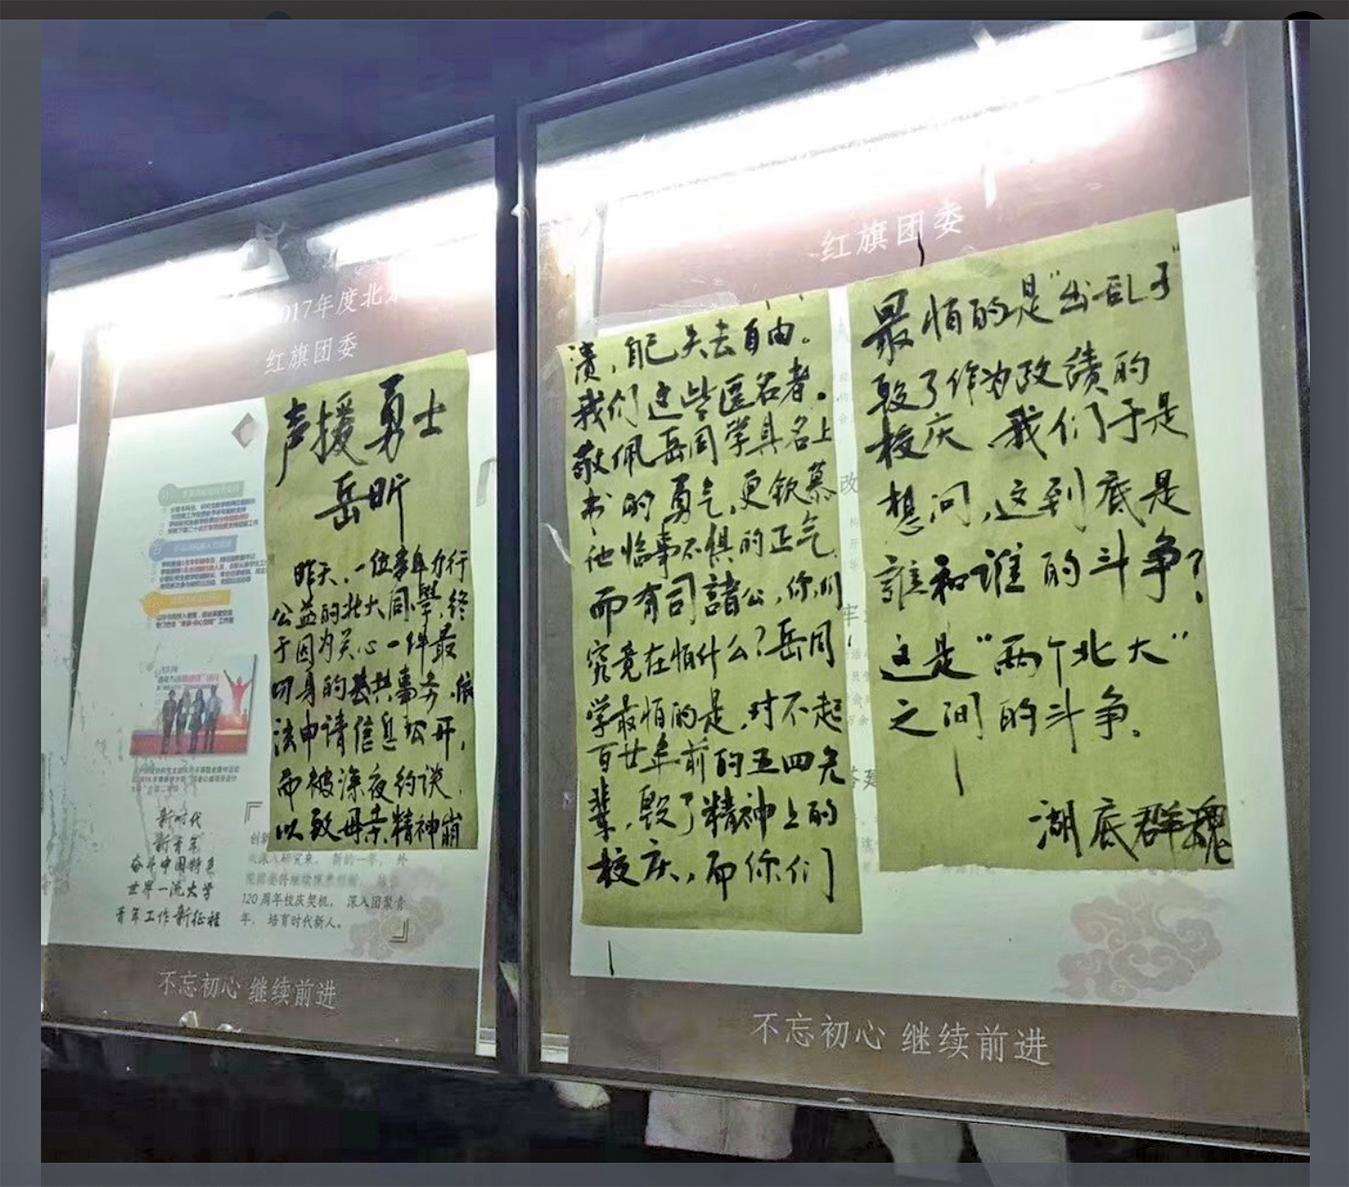 北大出現「大字報」,聲援因申請「教授性侵」案信息公開而遭打壓的學生岳昕。(推特@tanboniu)